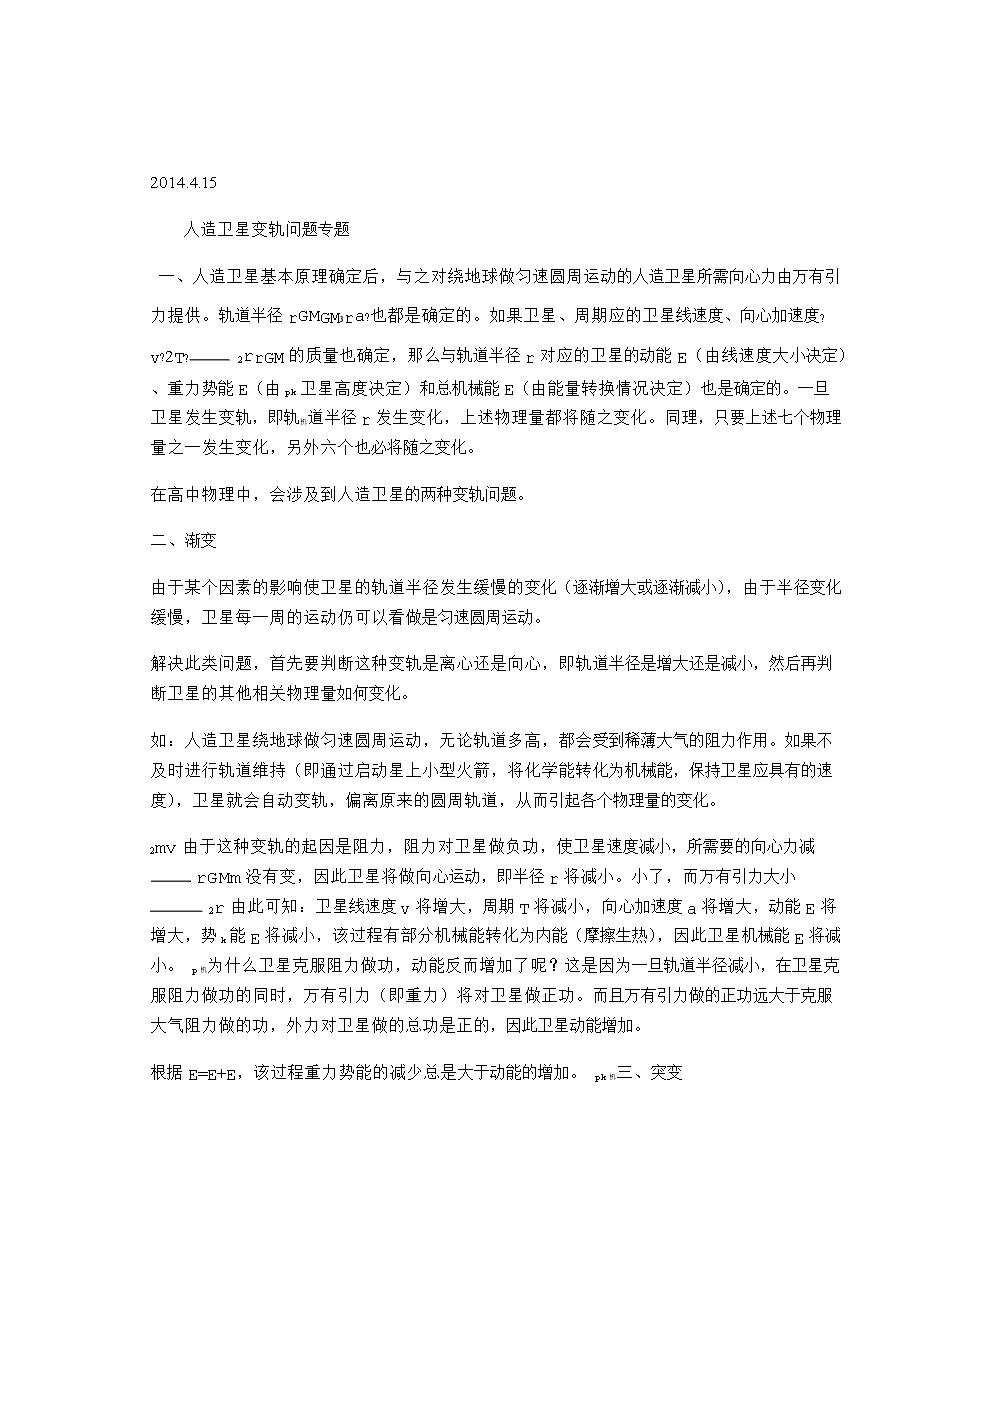 完整word版人造卫星变轨问题专题.doc